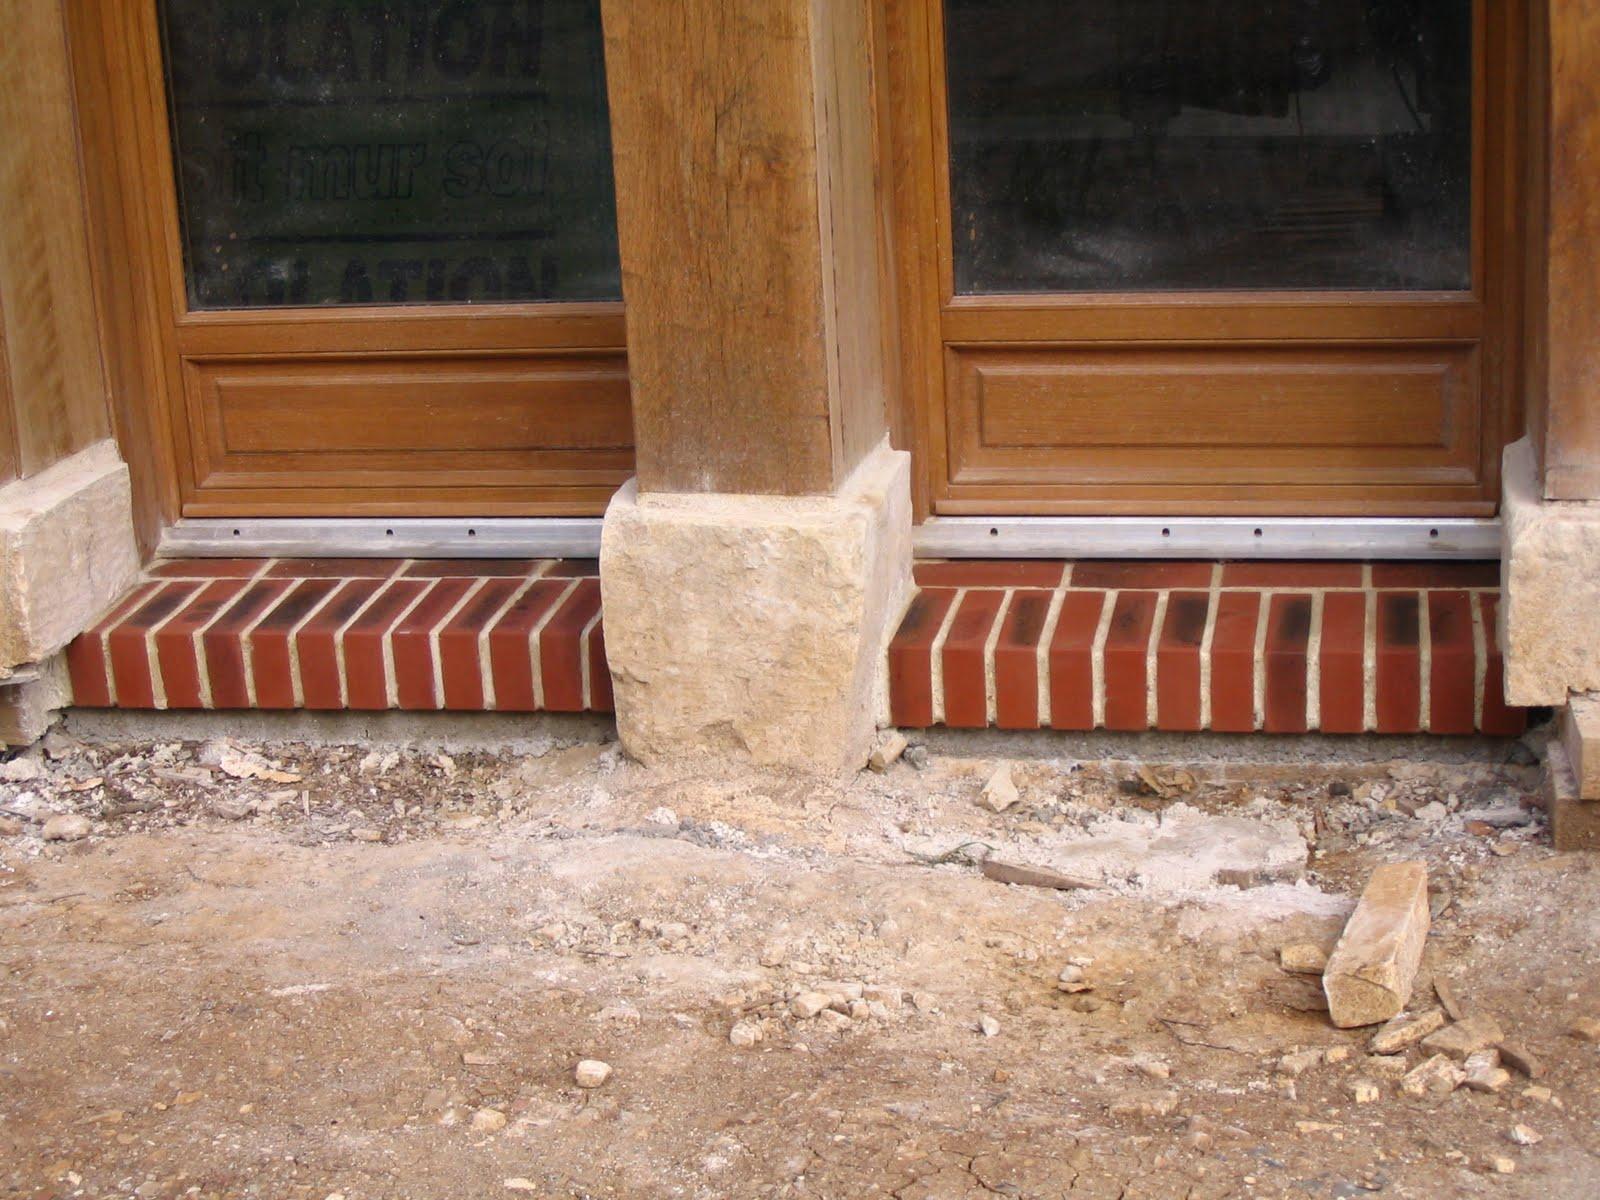 Notre construction a bonneville la louvet les seuils des for Fenetre bonneville